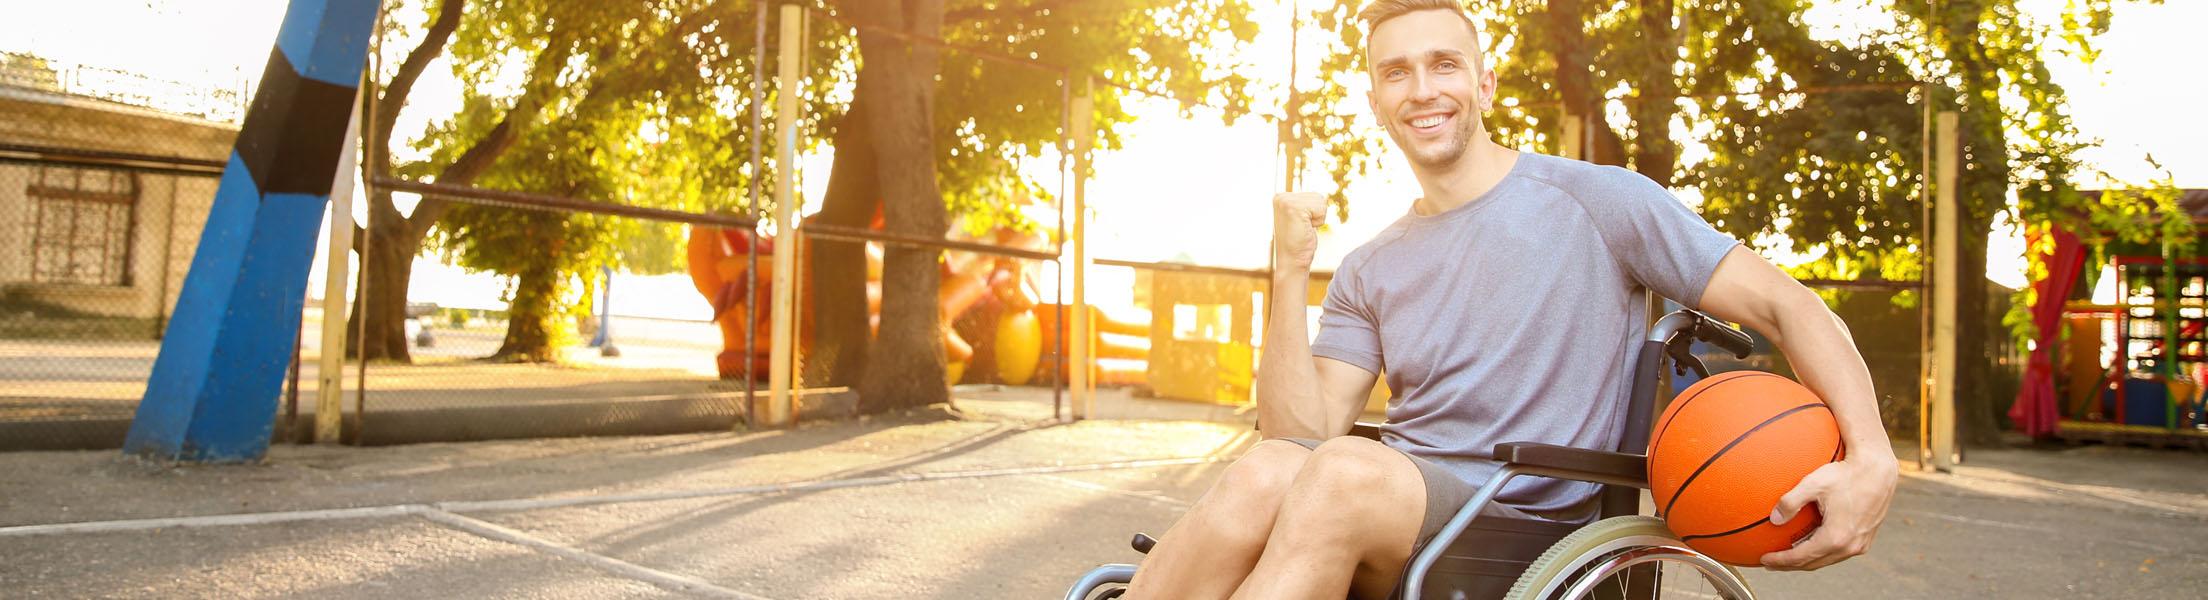 Junger Mann im Rollstuhl mit Basketball in der Hand auf Basketball-Platz im Sonnenschein.